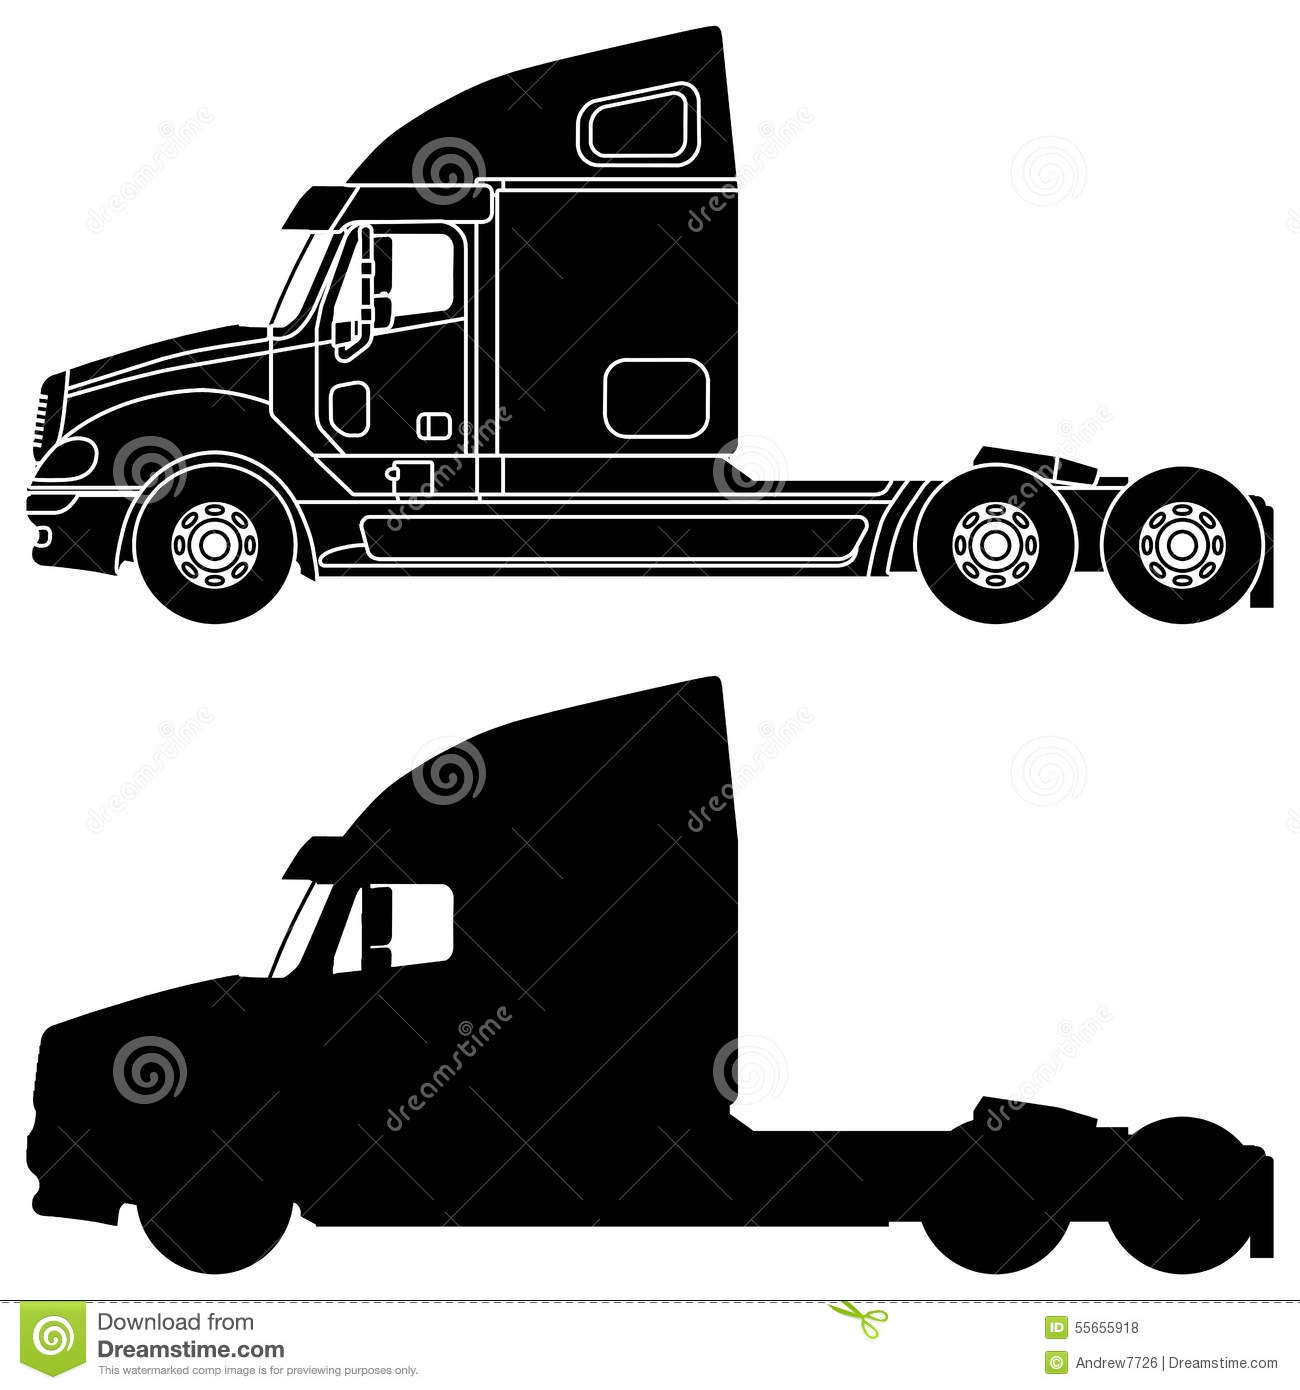 661 Semi Truck free clipart.